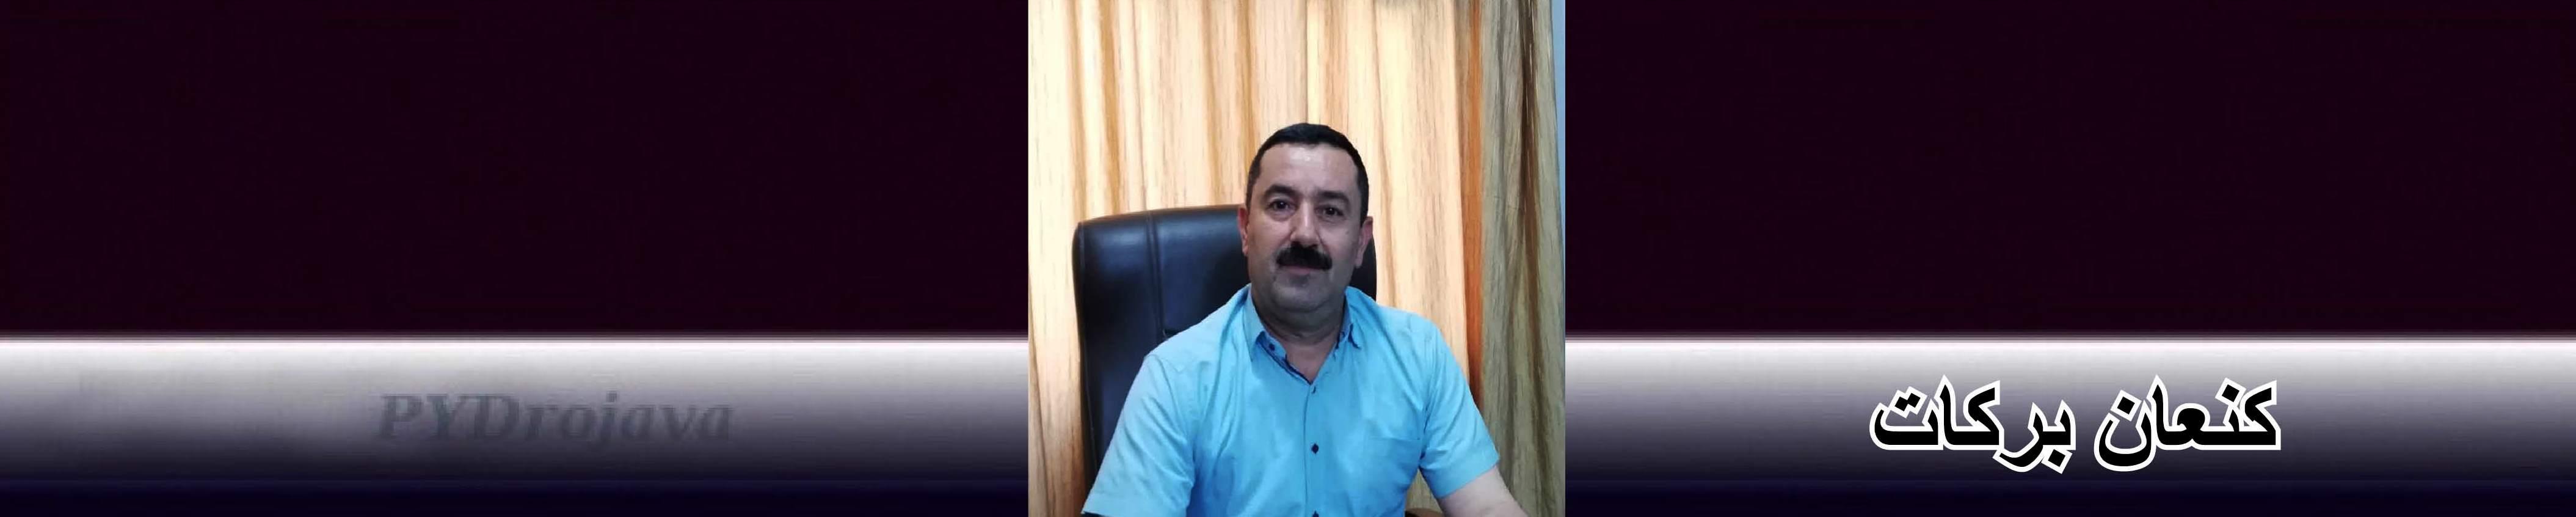 Photo of ما بين الهرطقة الإعلامية التركية والحقيقة الواقعية